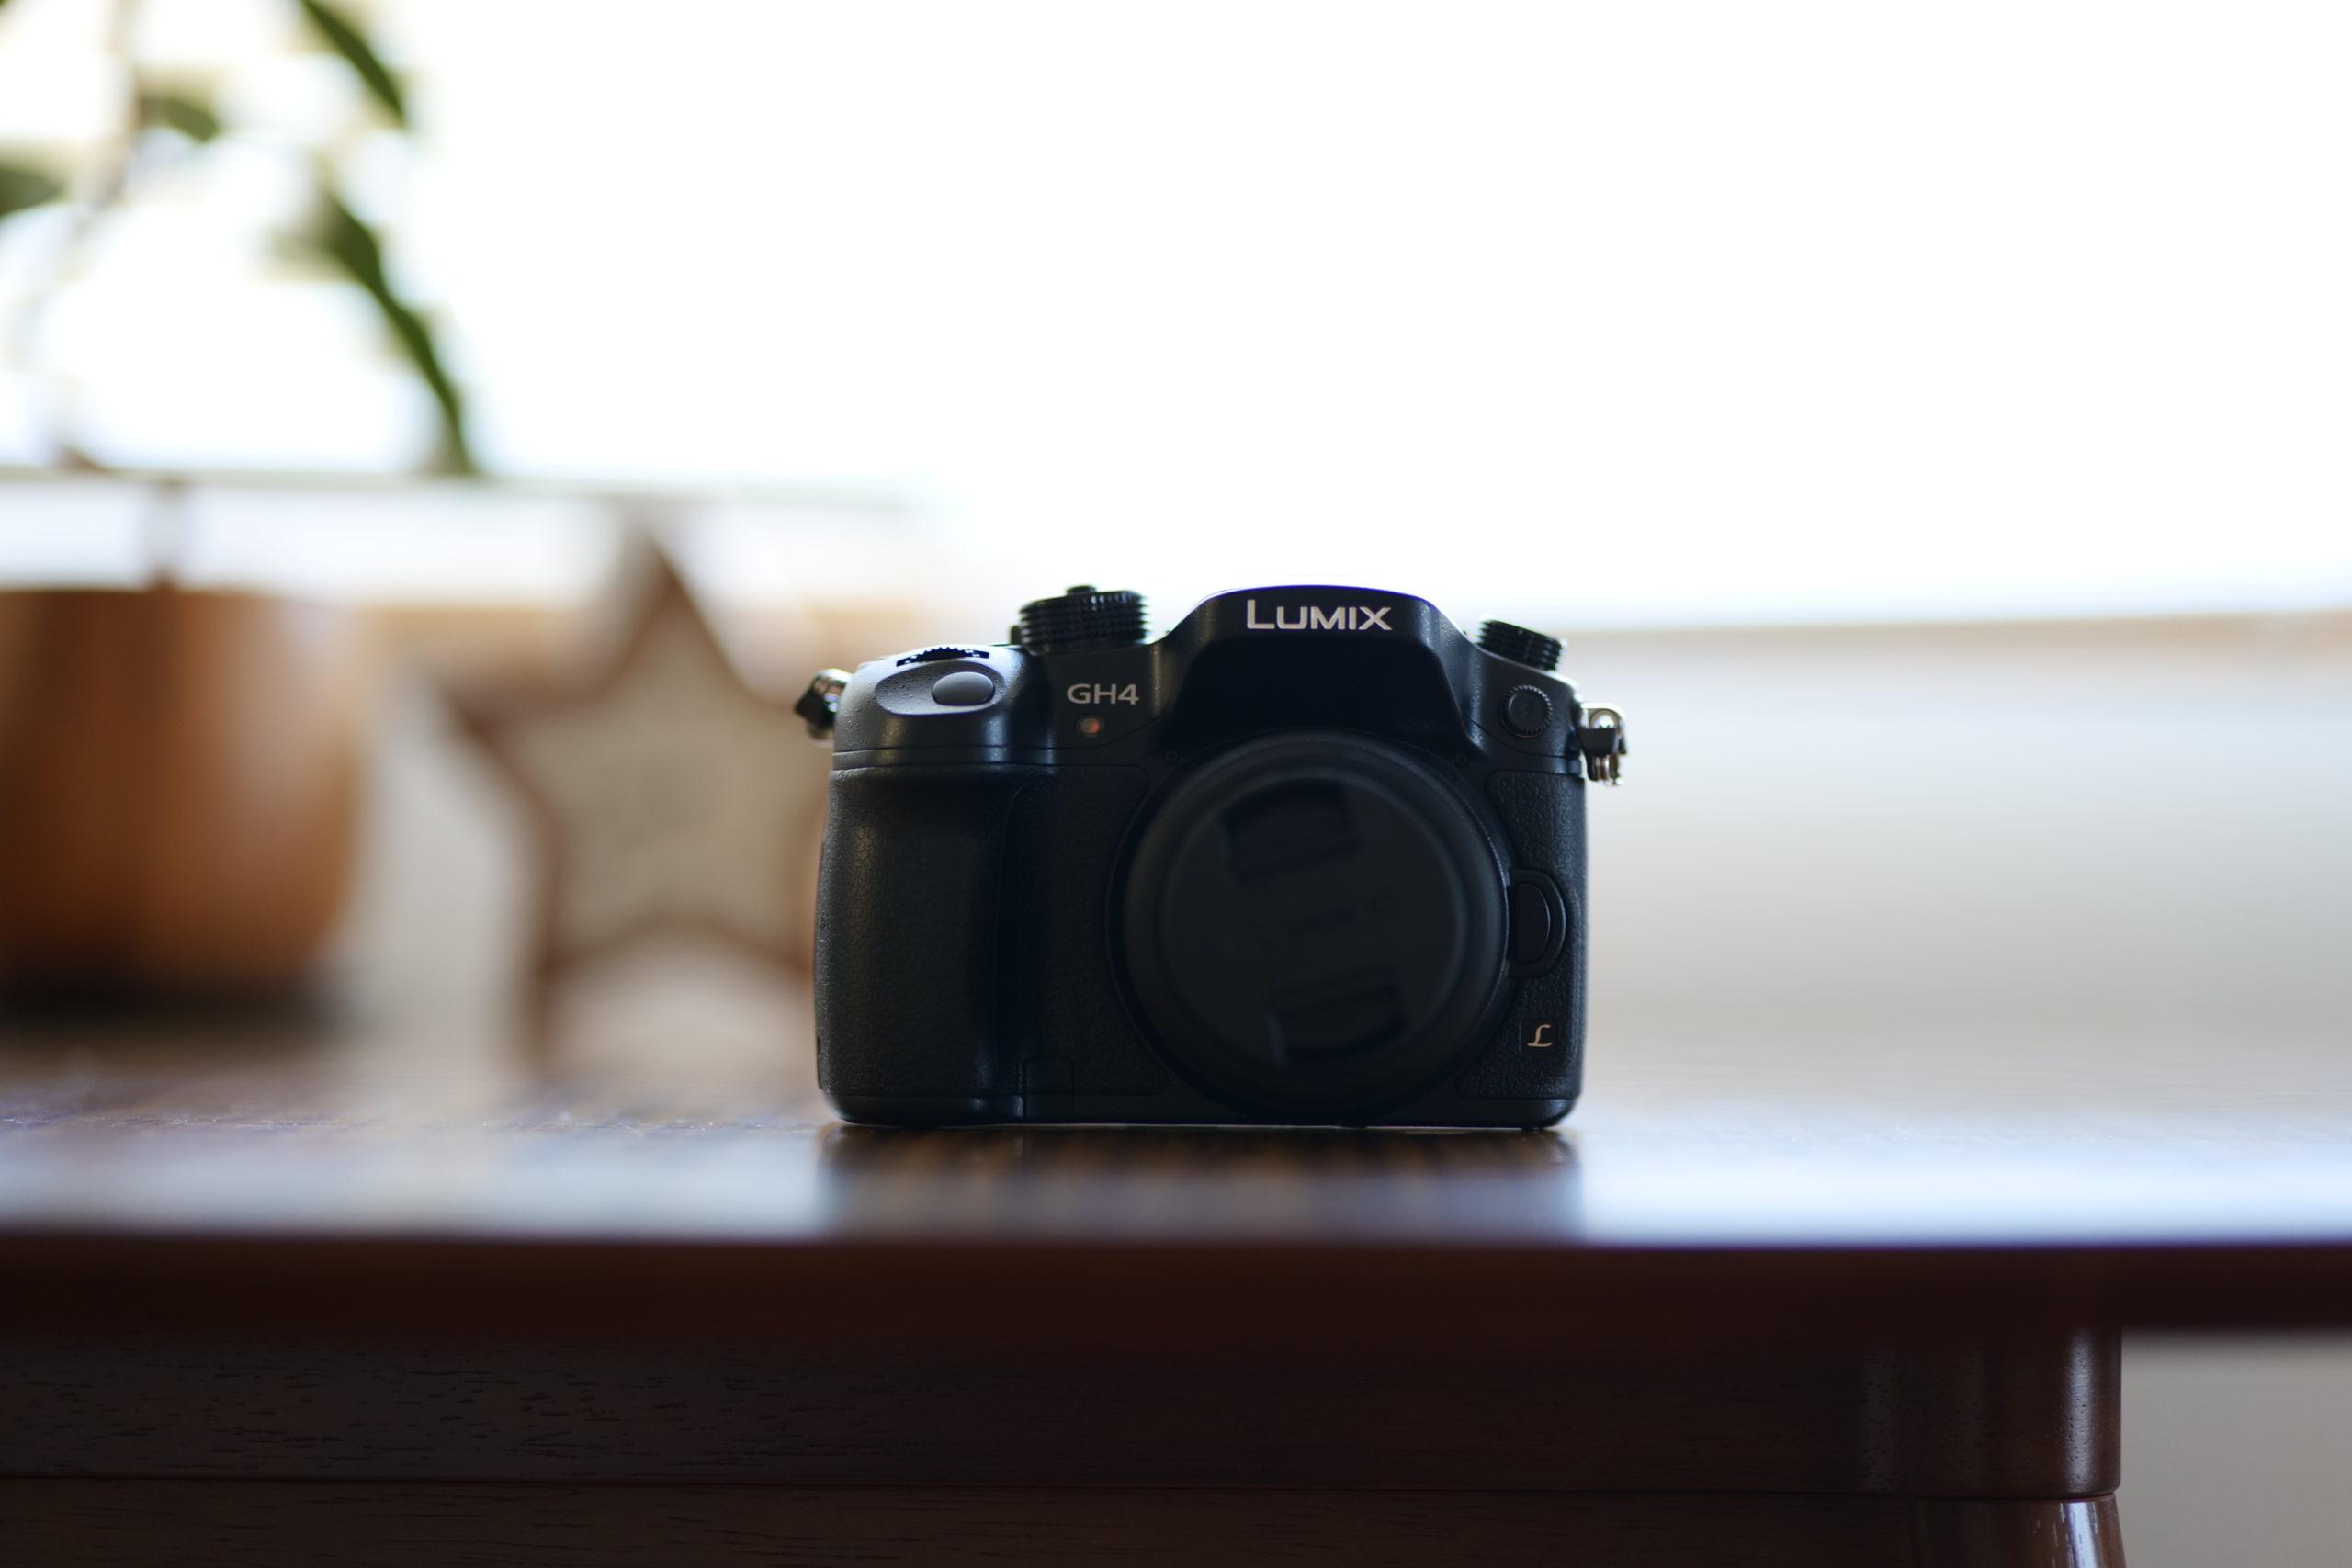 個人できれいな映像で動画発信したい時のおすすめカメラ